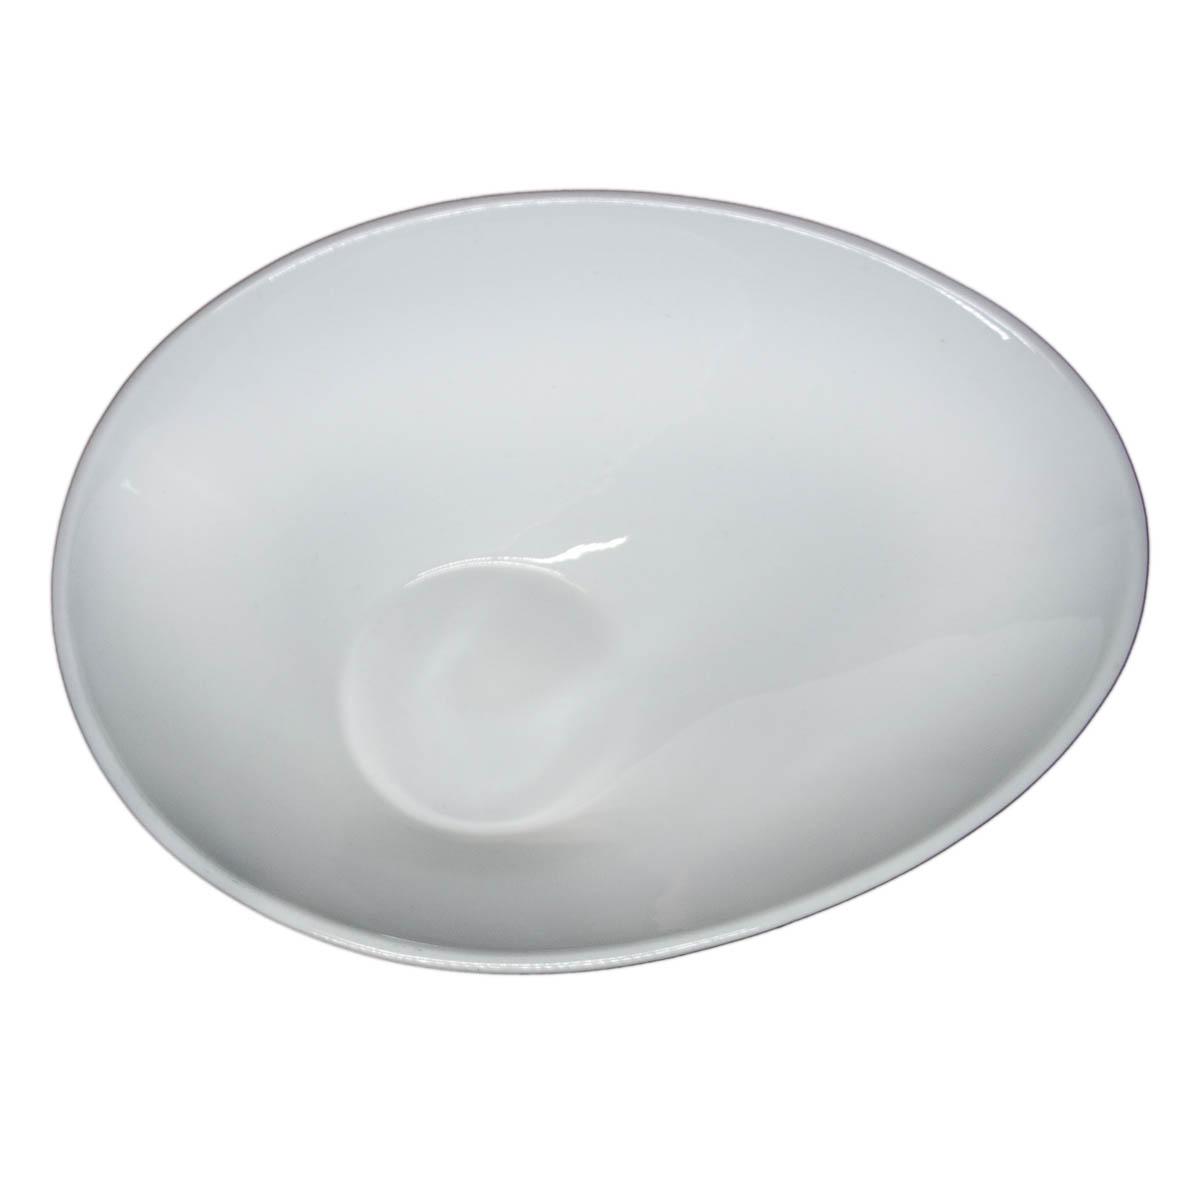 Travessa de Porcelana Oval Funda Gota 33x25